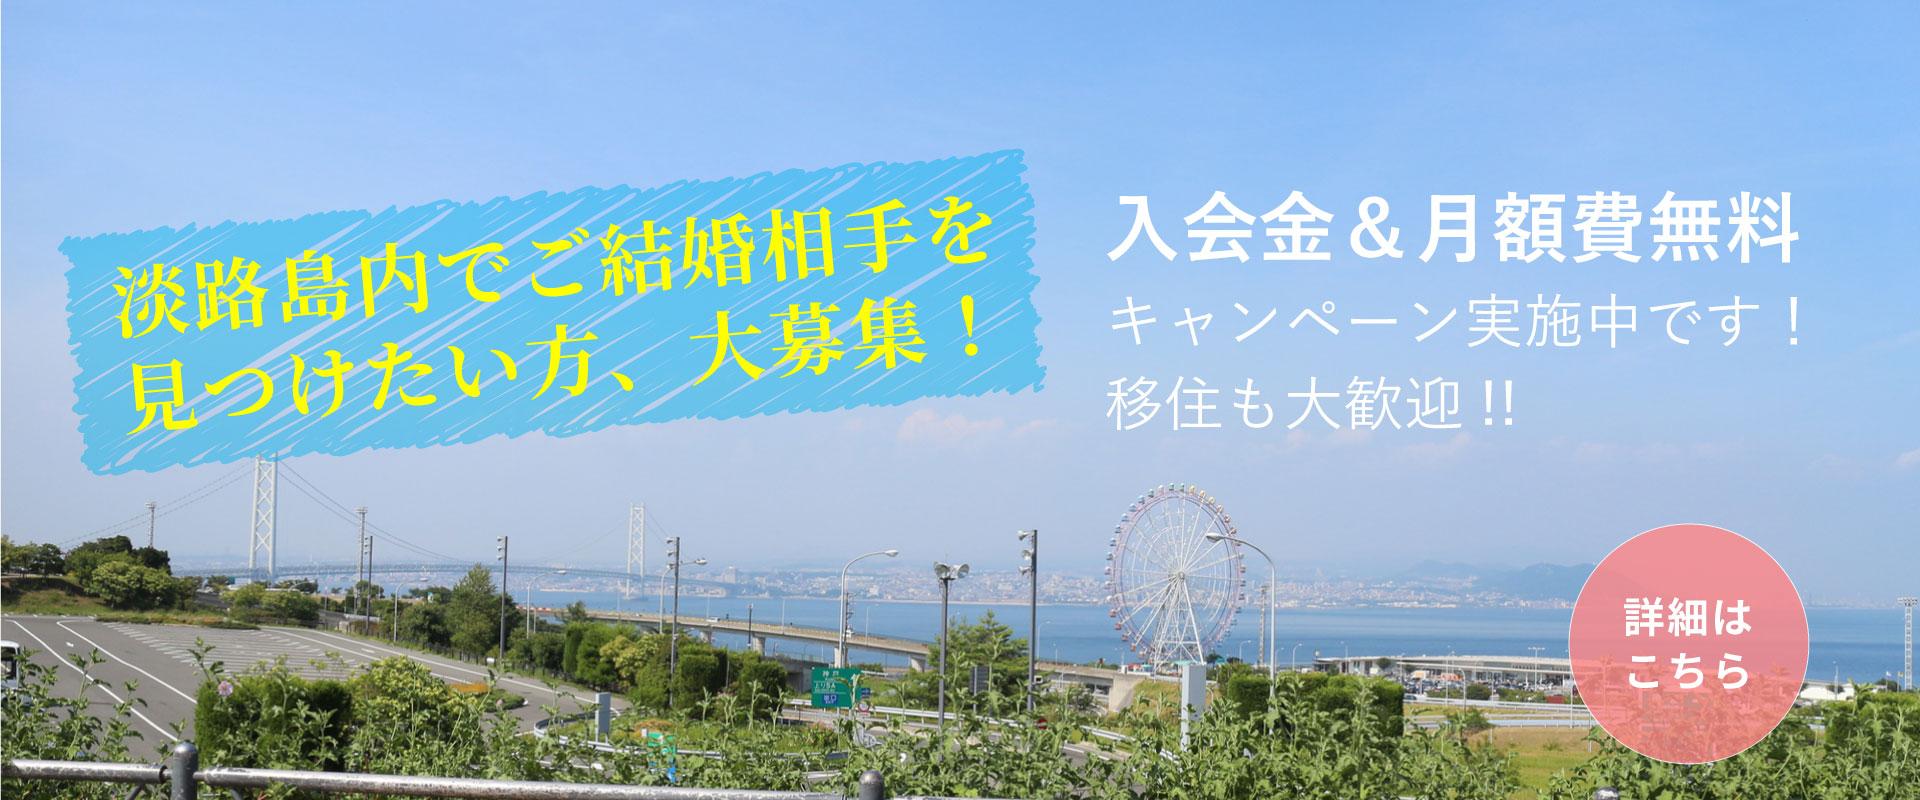 淡路島内でご結婚相手を見つけたい方、大募集!